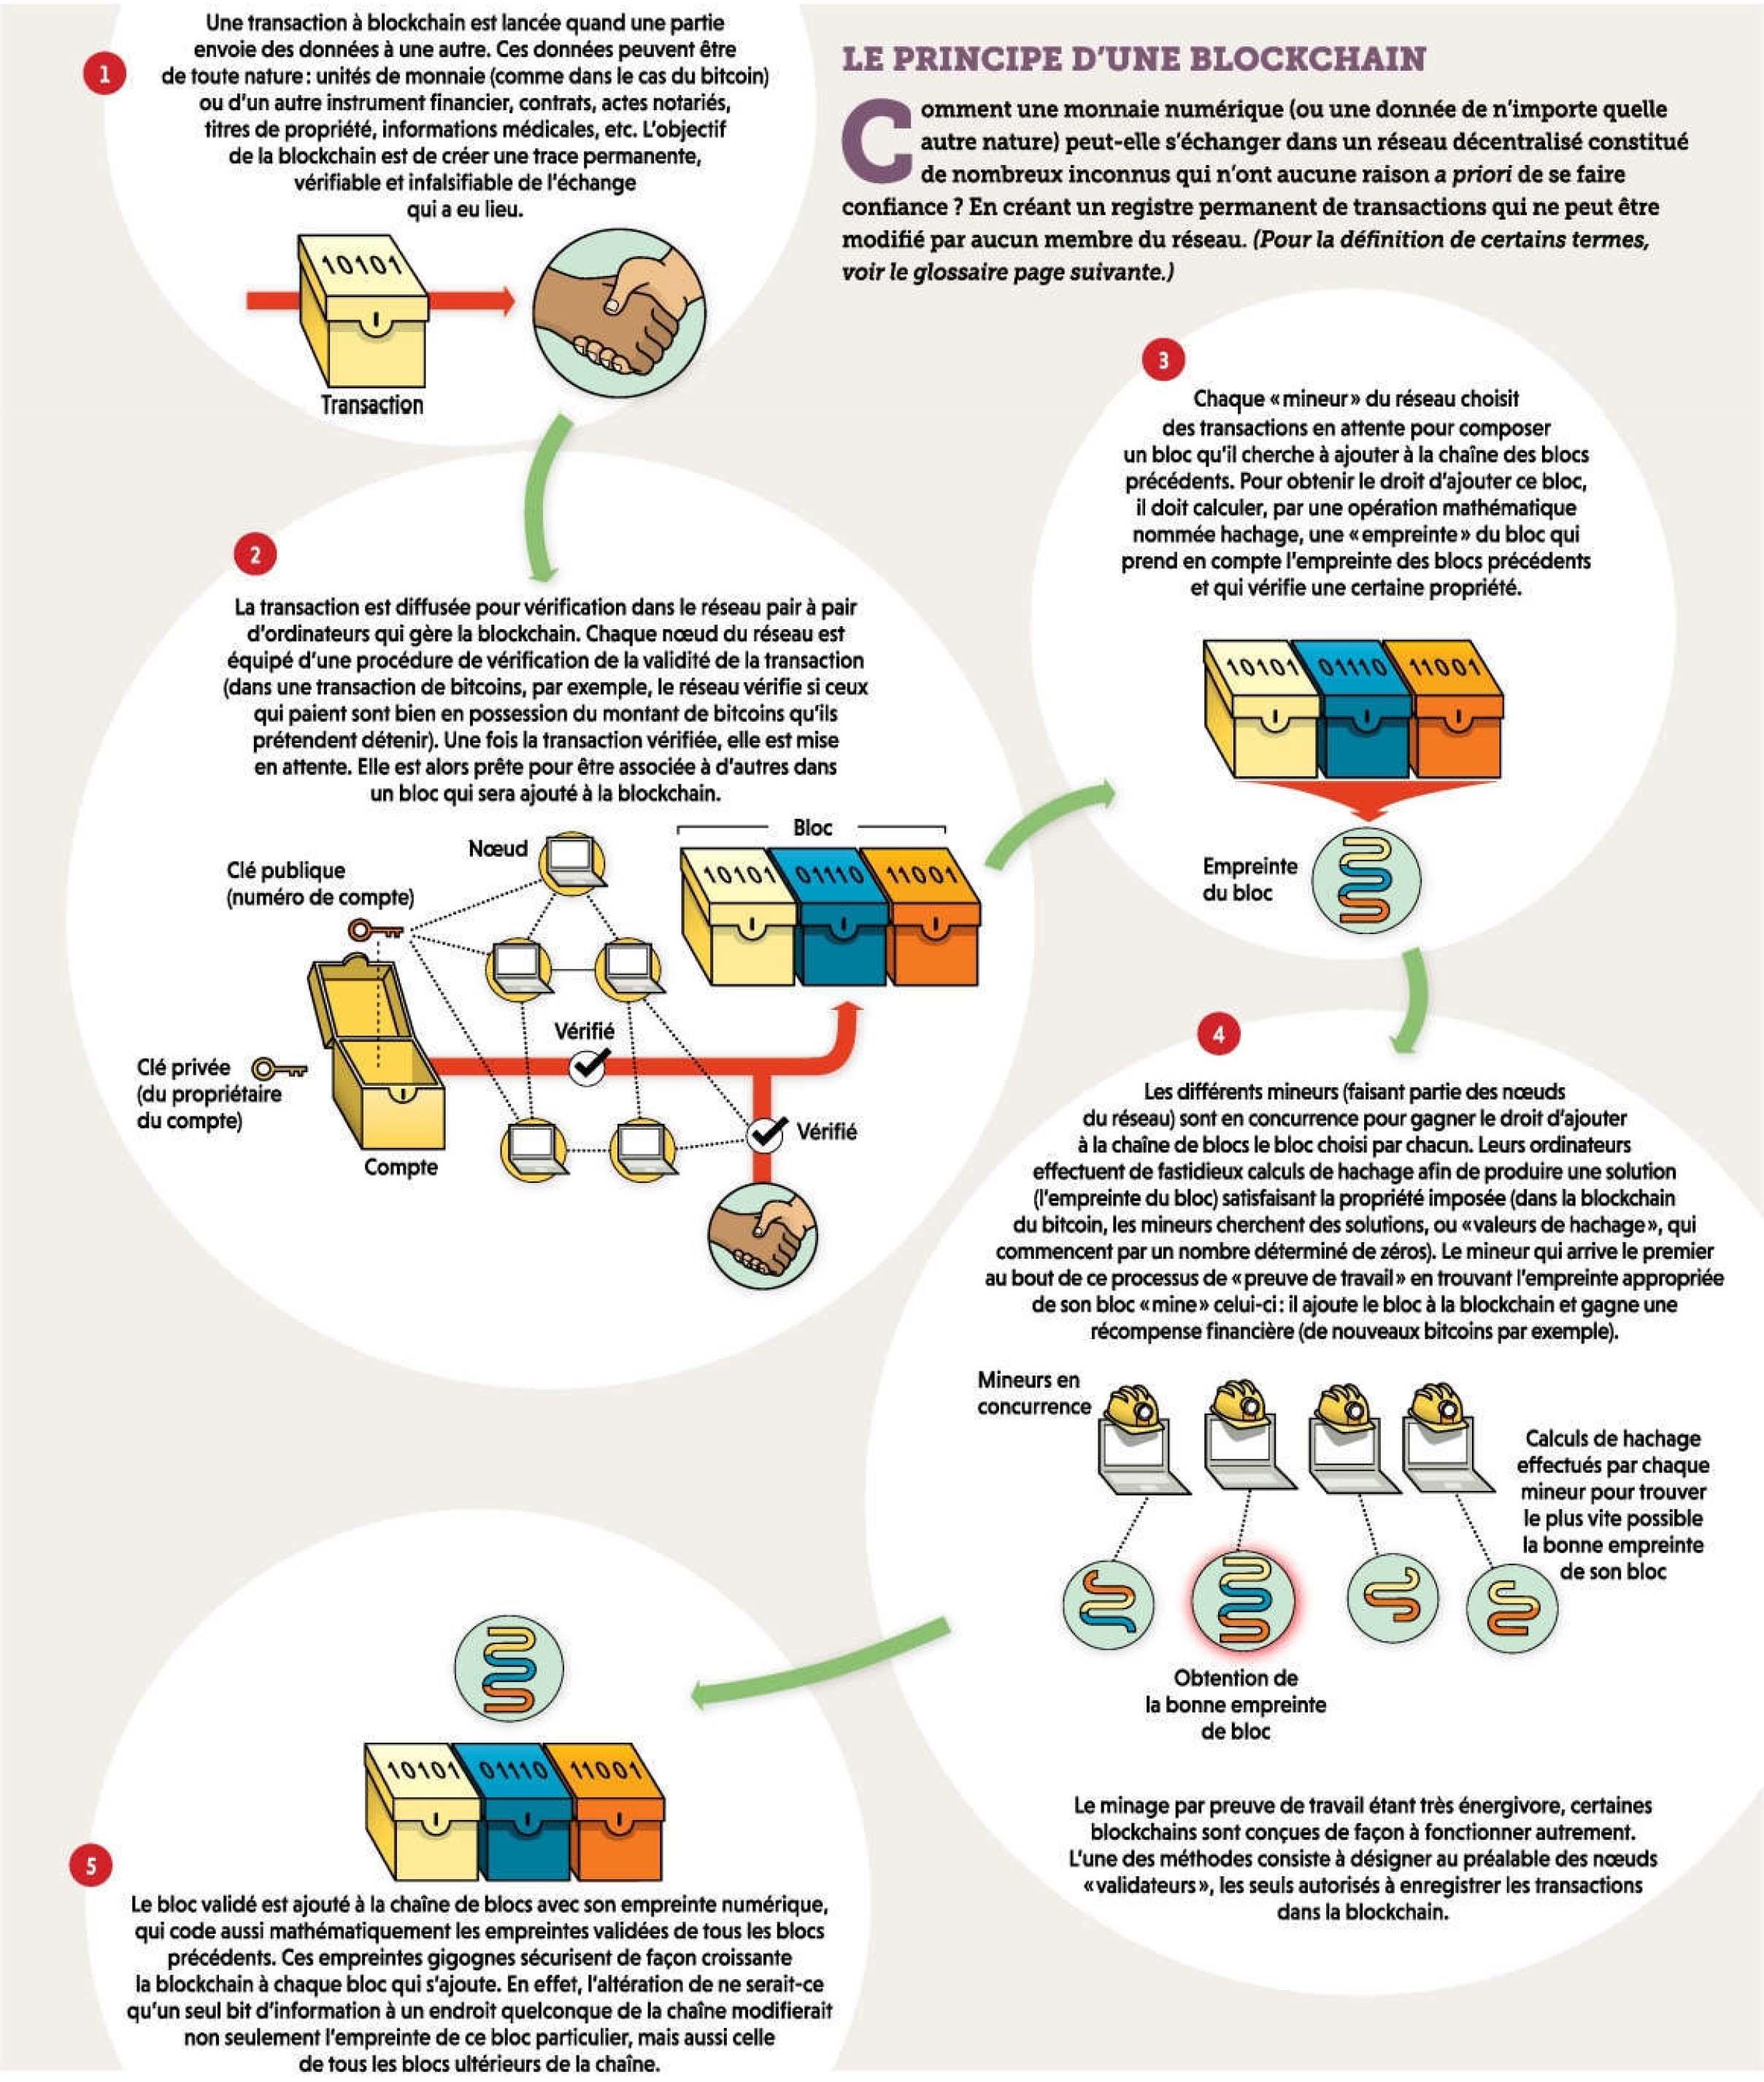 Le principe d'une blockchain Le principe d'une blockchain comprendre blockchain www